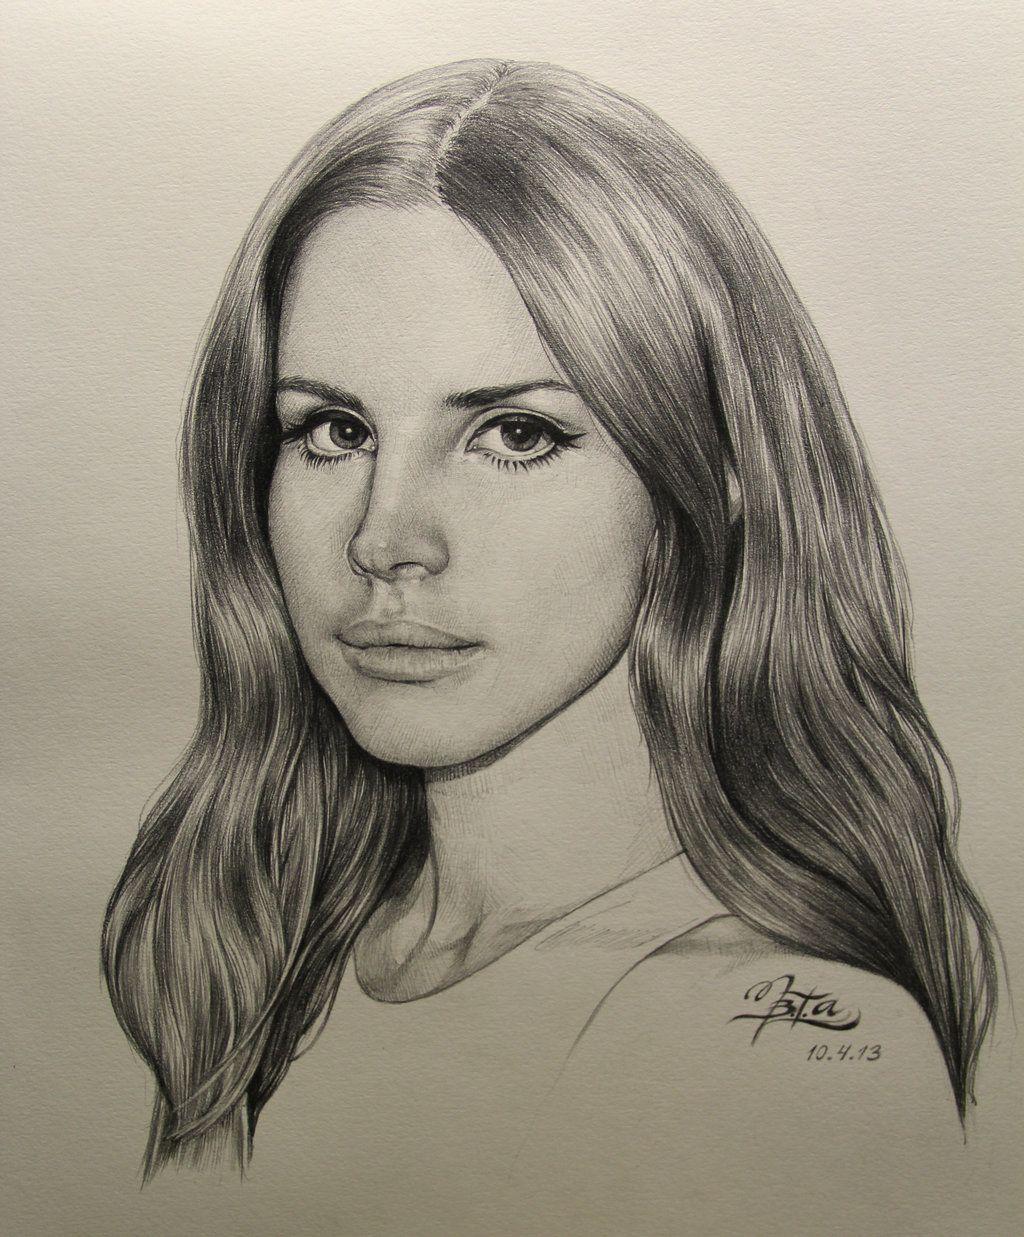 Lana Del Rey Bocetos De Retrato Dibujo De Retrato Retratos